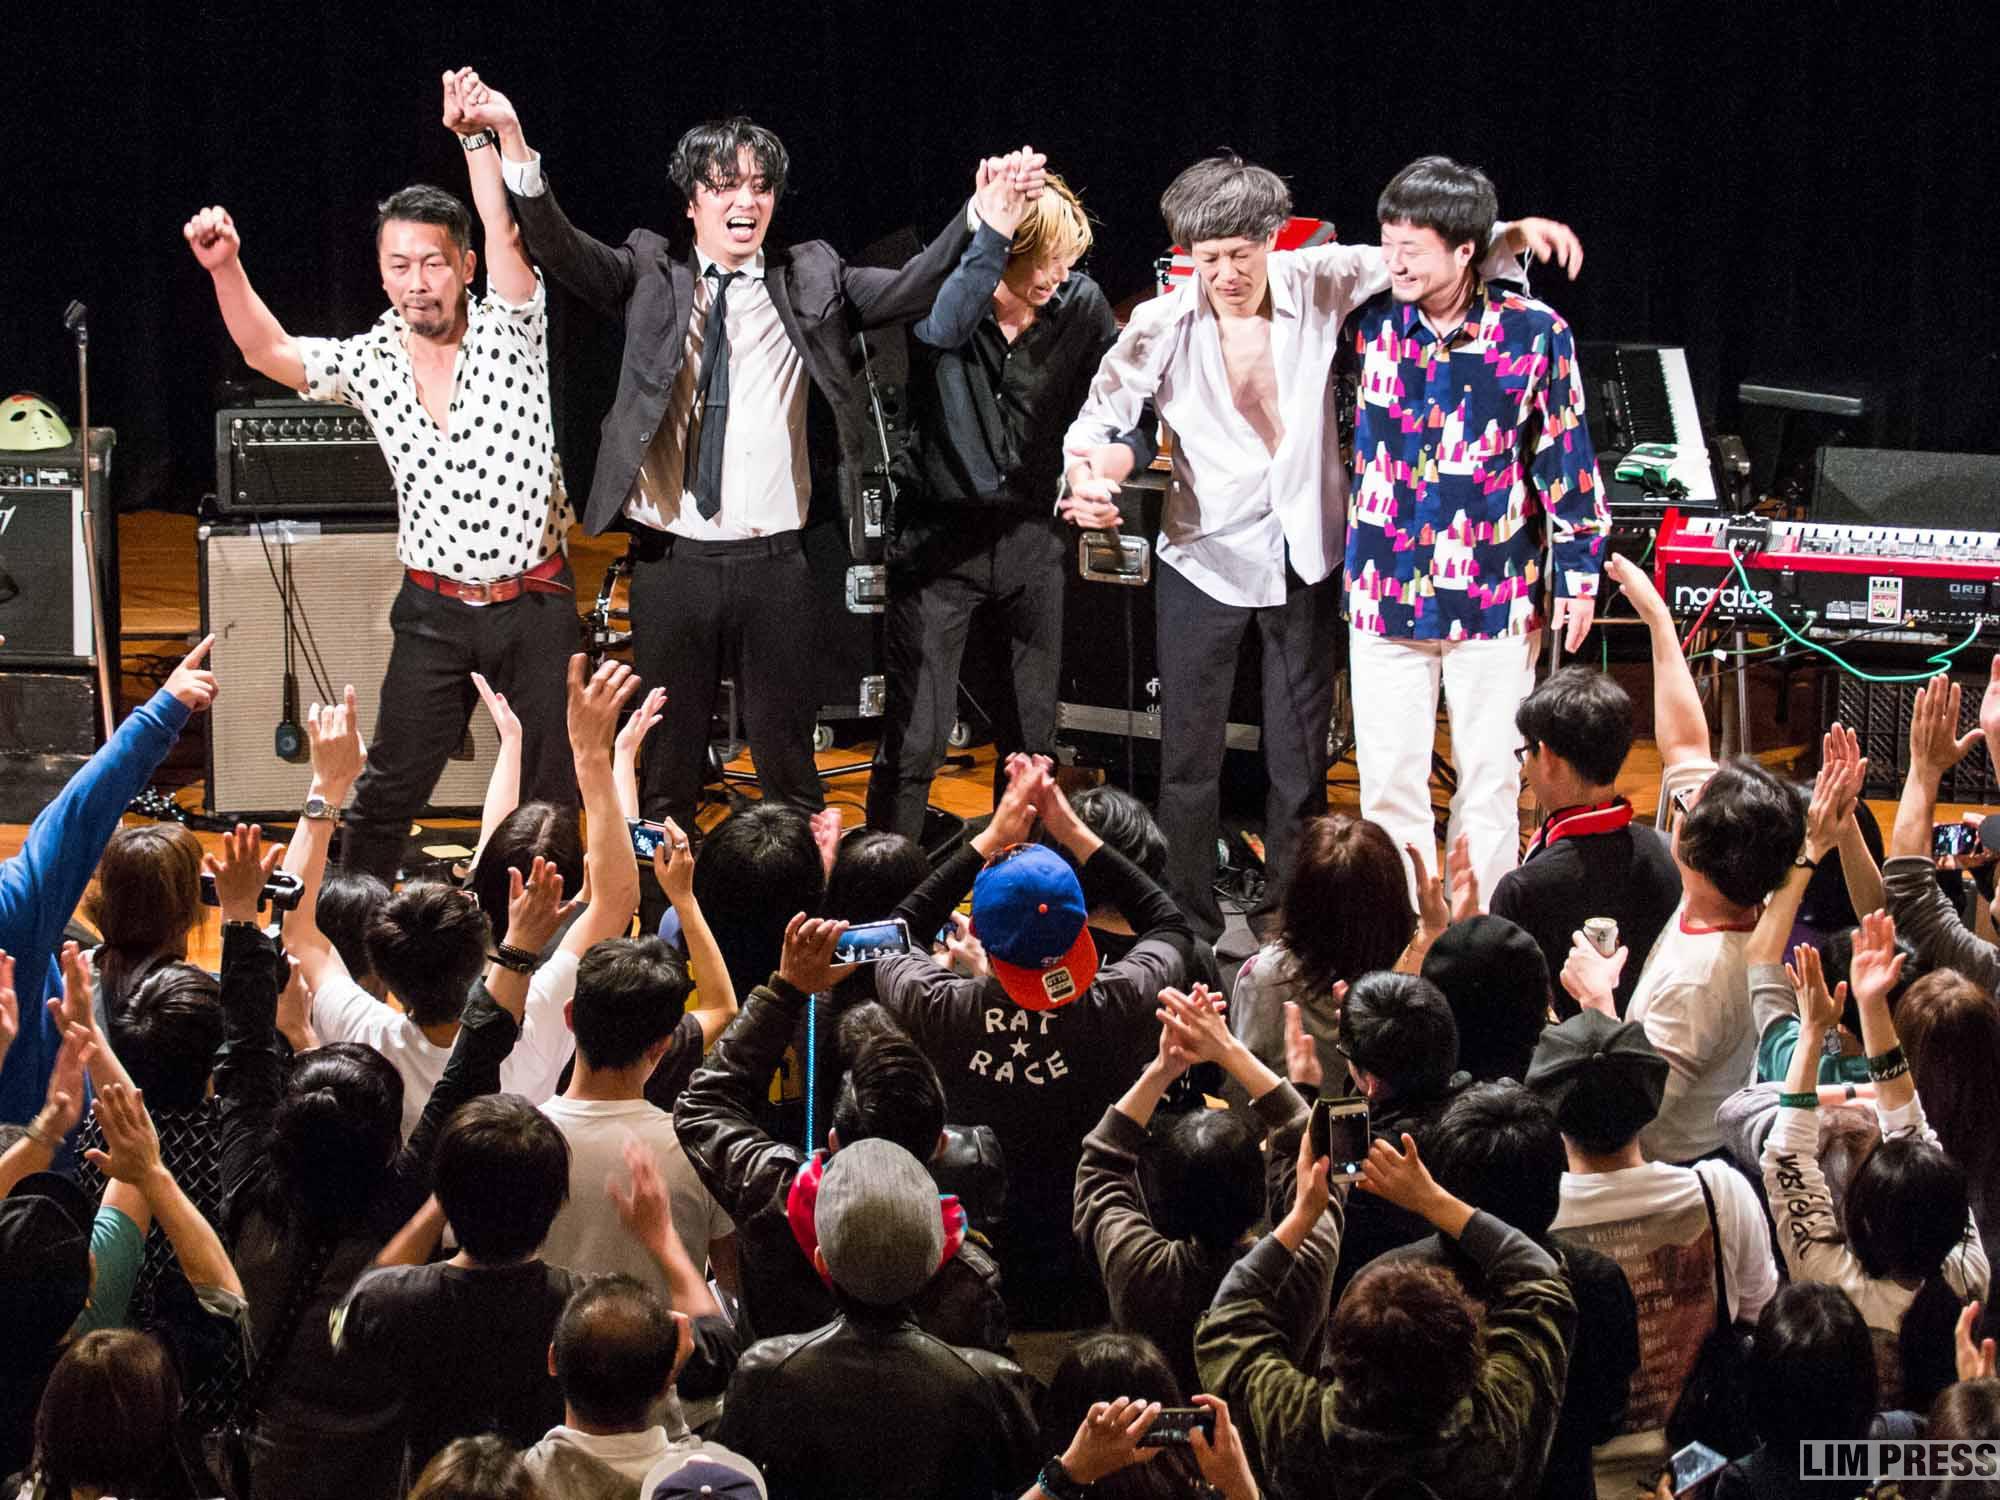 KING BROTHERS | ゑびすロックフェスティバル 2018 番外編  兵庫 西宮フレンテホール | 2018.12.01